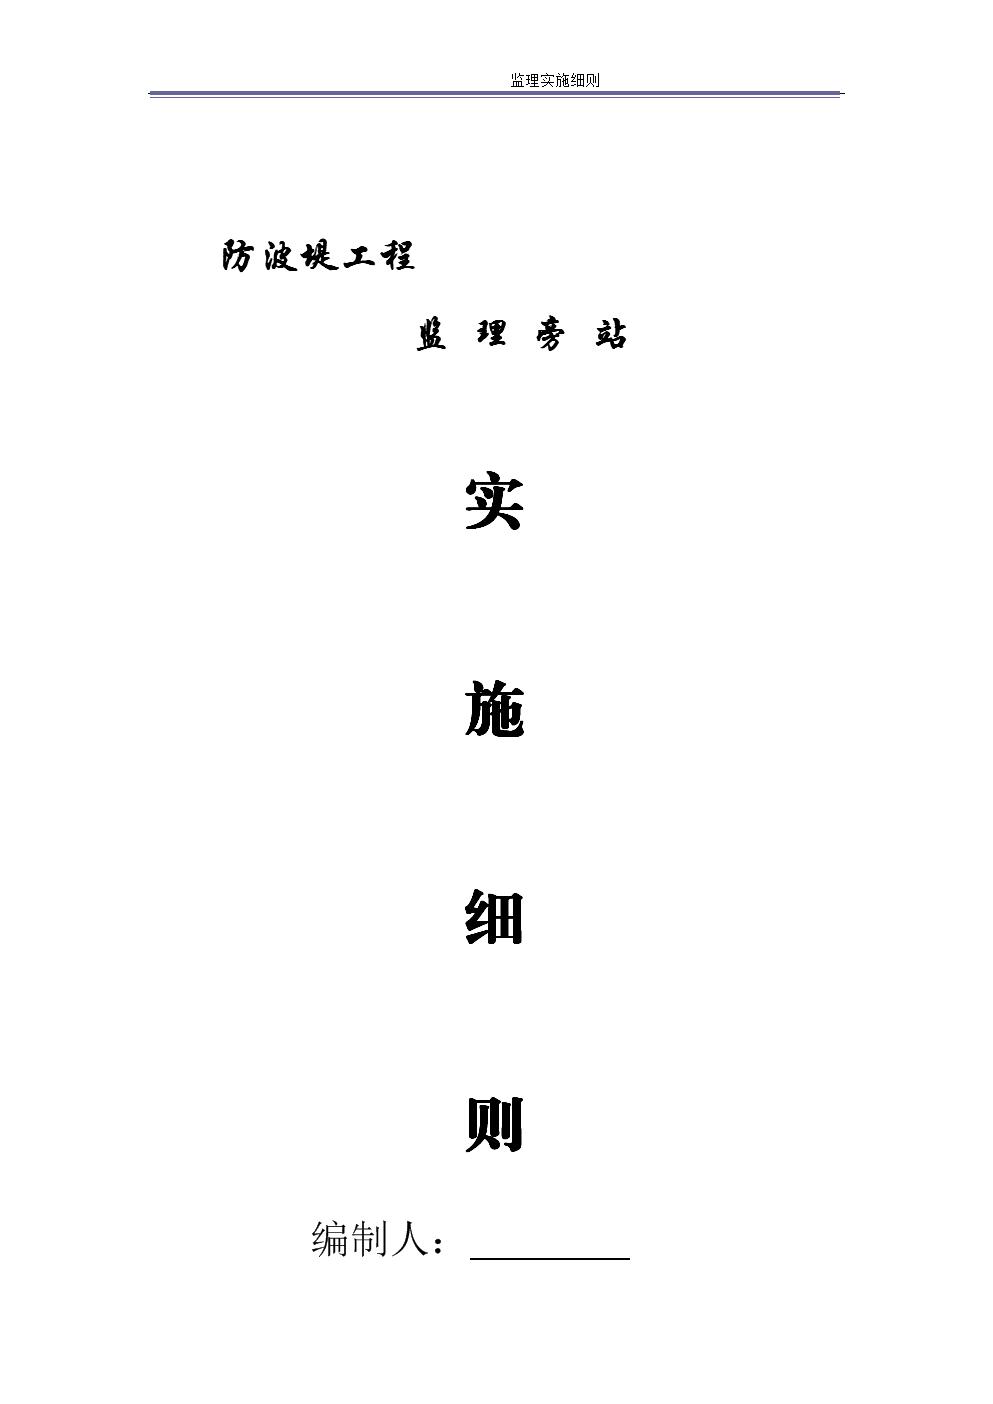 防汛工程旁站监理实施细则旁站监理方案.docx